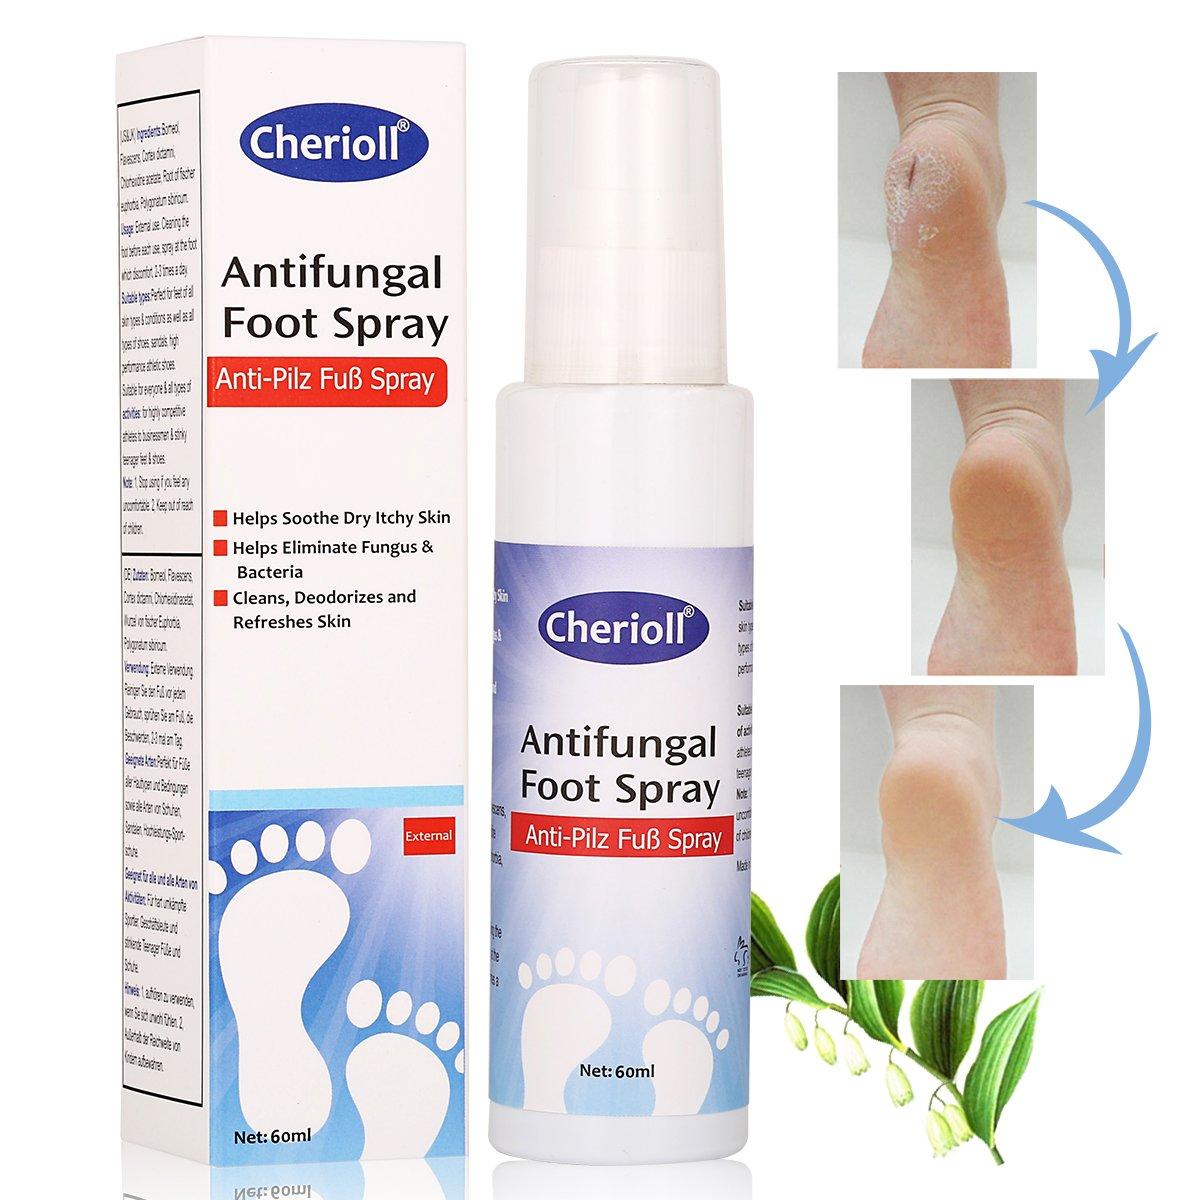 Fußspray, Fußpilz Spray,effektiv behandelt Fußpilz Fußpflege und gegen Fußgeruch,kuriert und verhindert Pilzinfektionen,Bei Fußpilz, Fußschweiß und Fußgeruch (1) Fußspray Fußpilz Spray Bei Fußpilz Toulifly